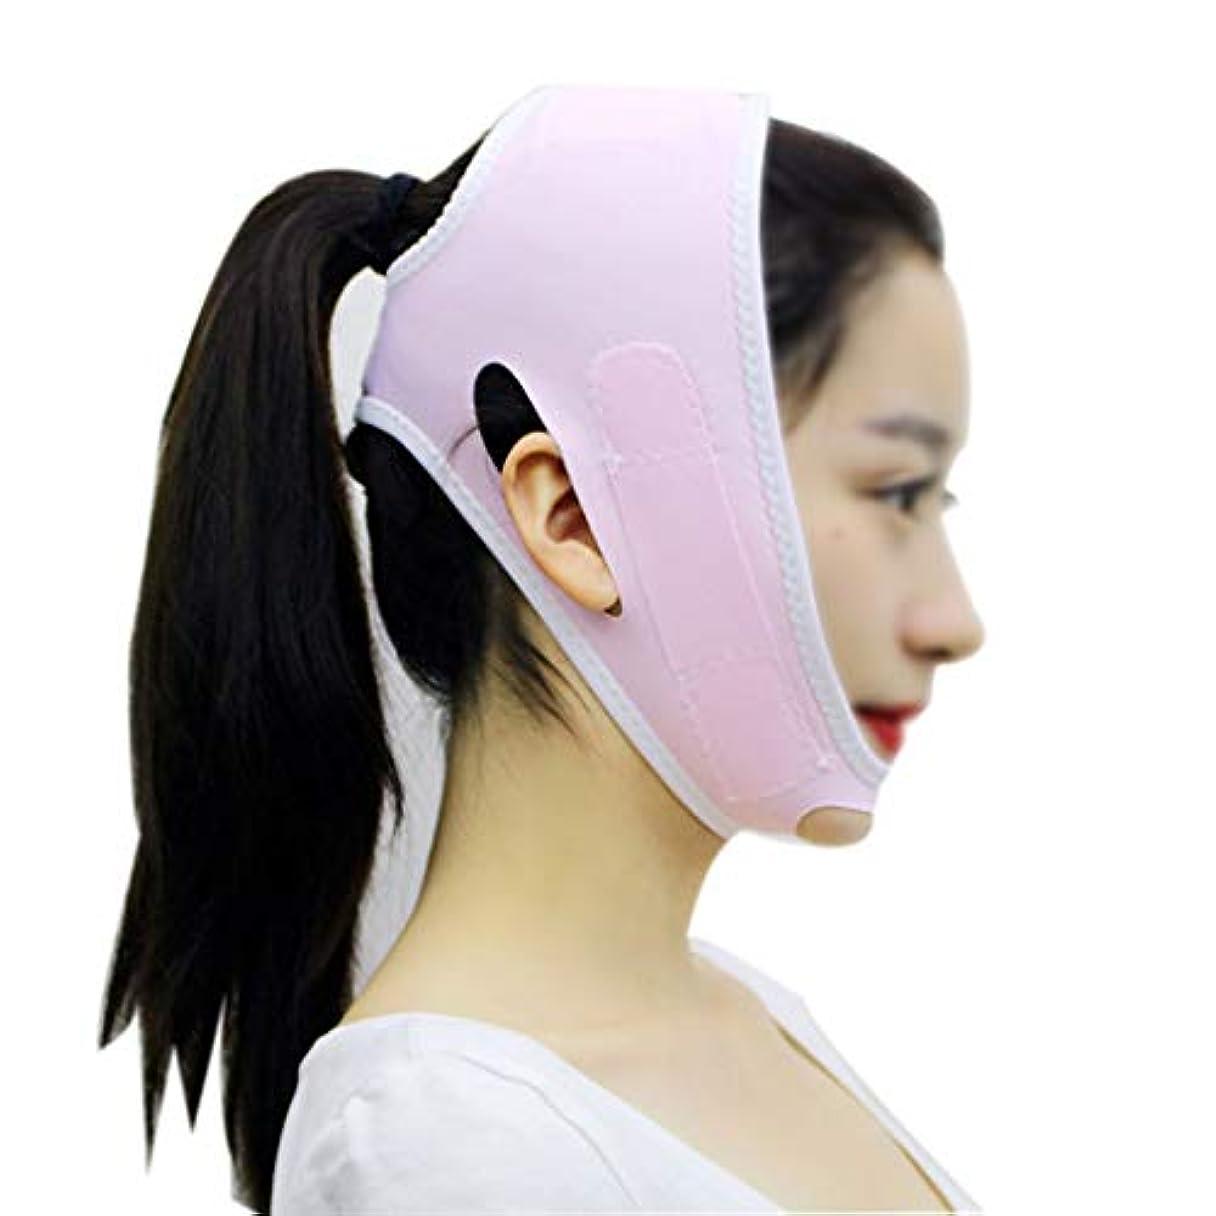 問い合わせ主張する特性GLJJQMY 引き締め肌の薄い二重あごマスクを強化するためのフェイスリフティング包帯回復マスク 顔用整形マスク (Color : Pink)